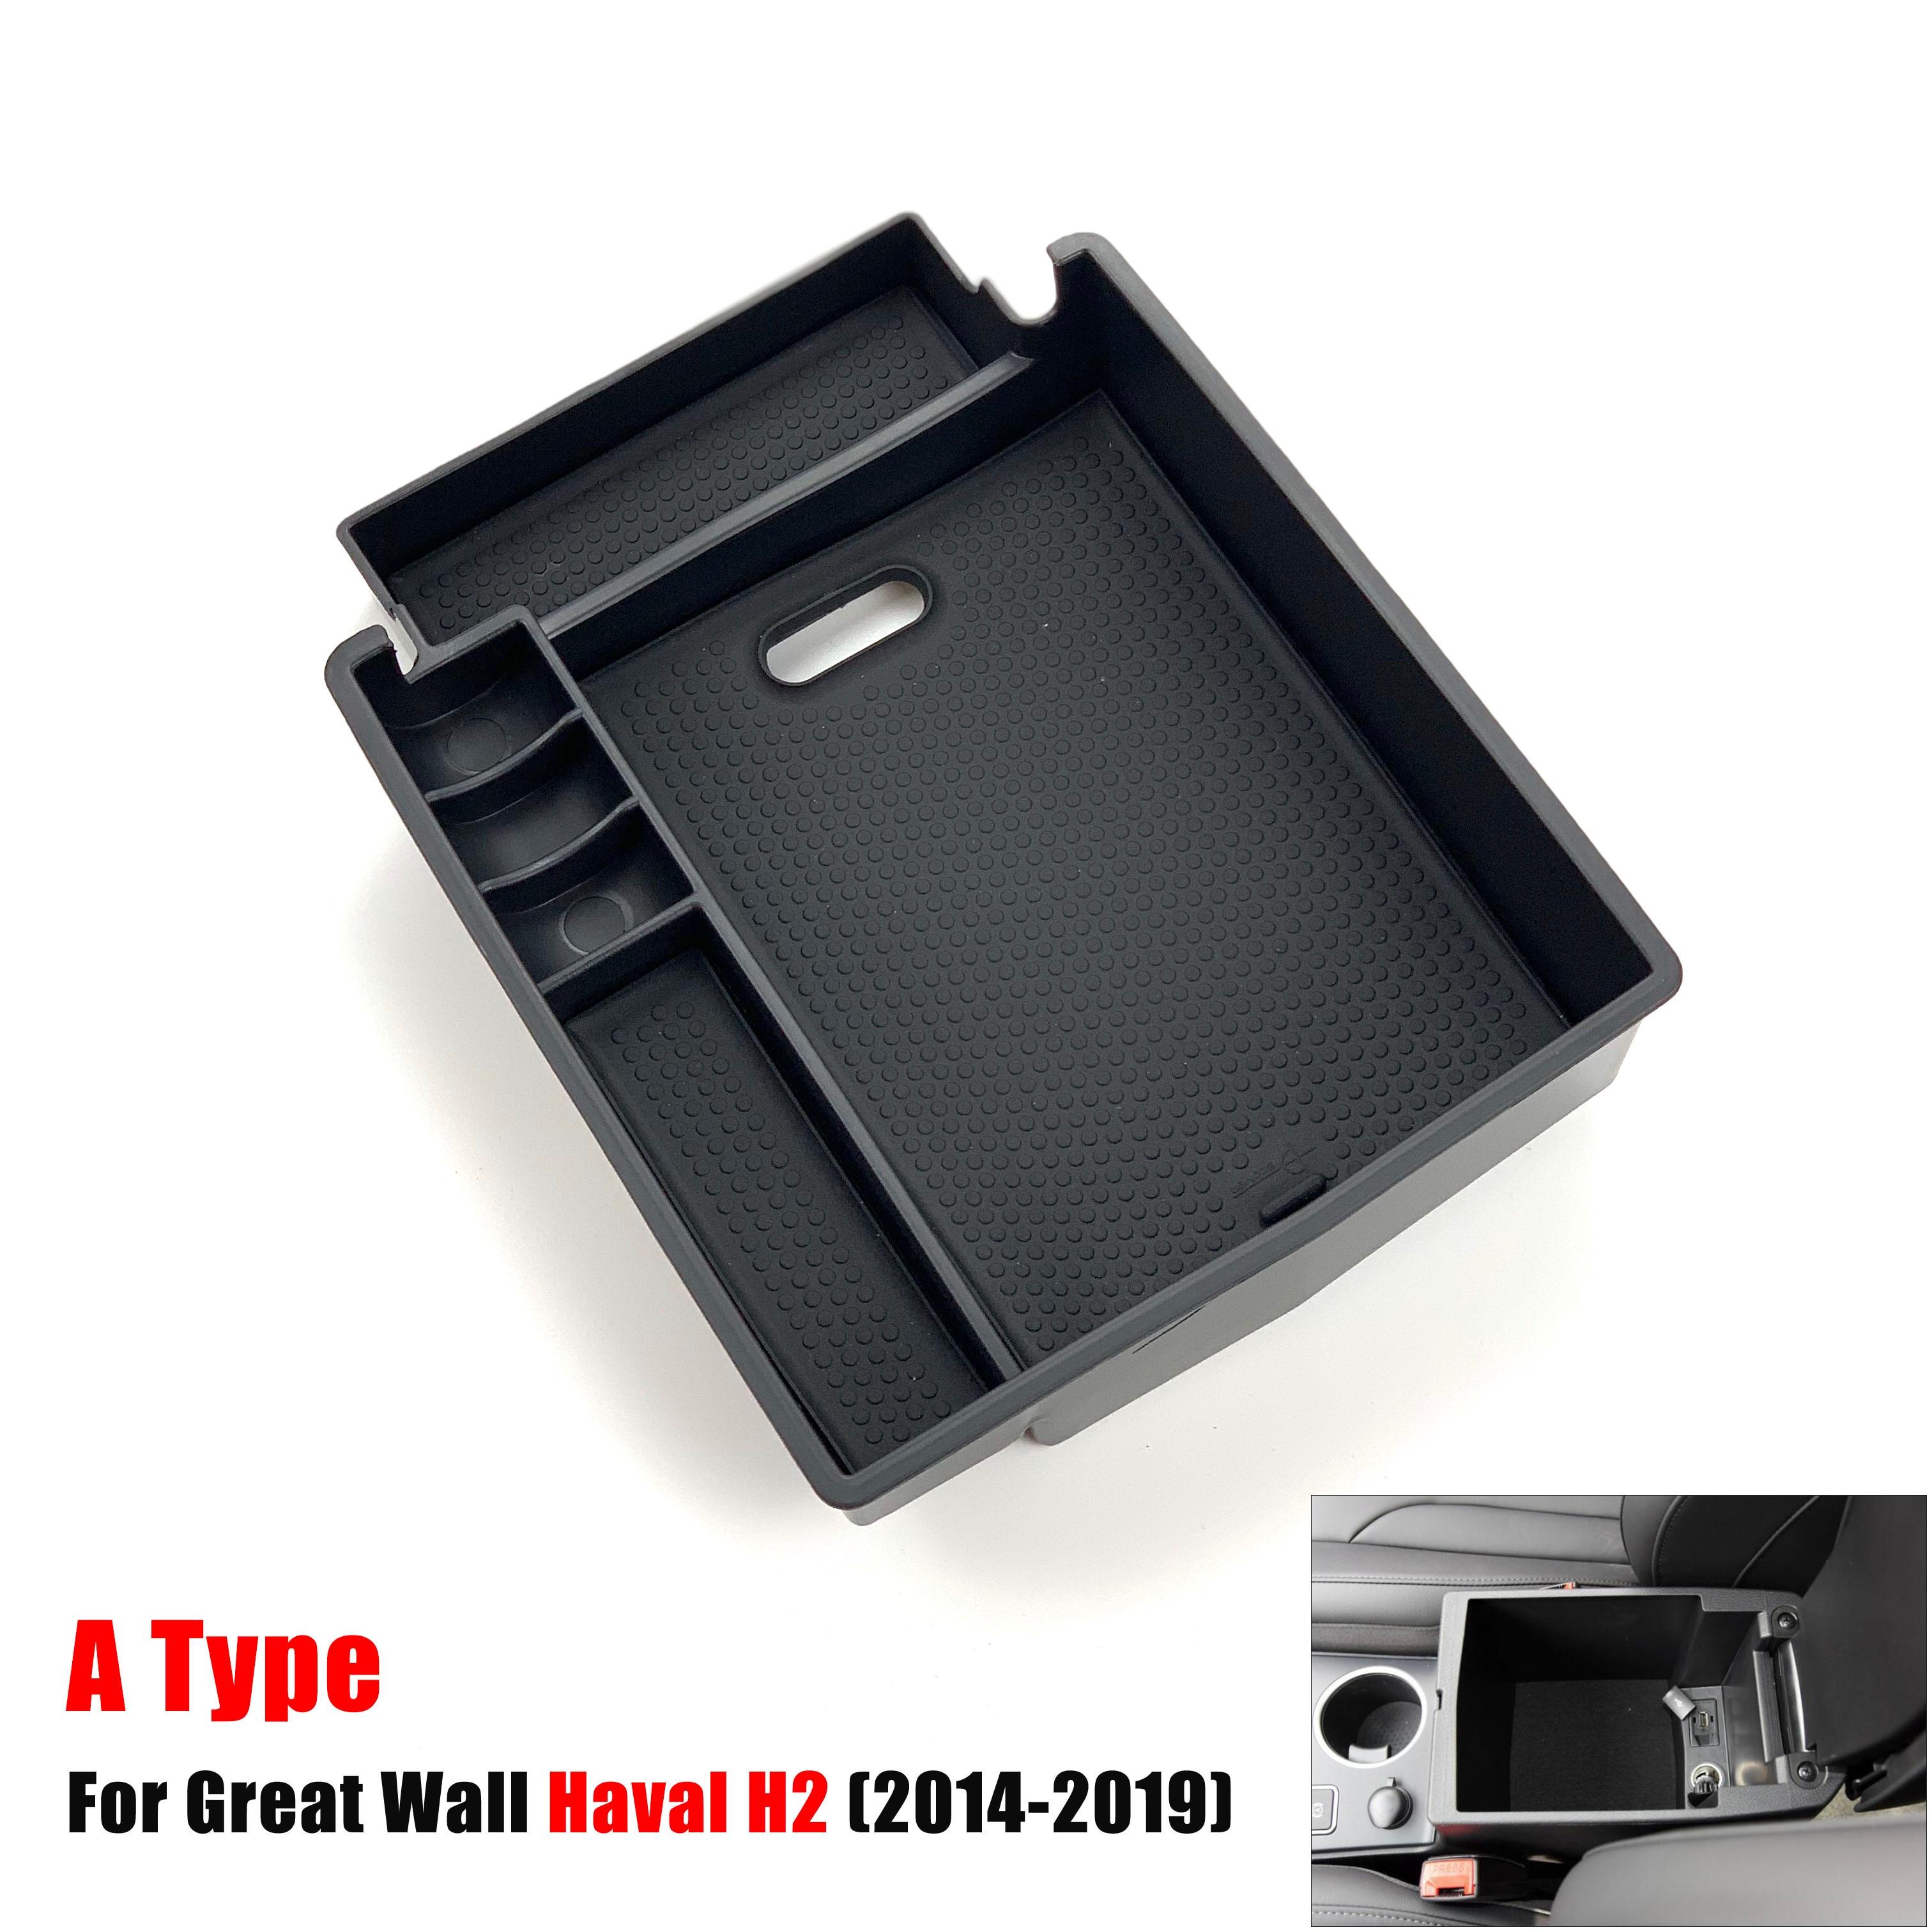 Автомобильный подлокотник, коробка для хранения для Great Wall Haval H2 H6 H7 H7L H9, контейнер-органайзер для хранения центральной консоли, автомобильн...